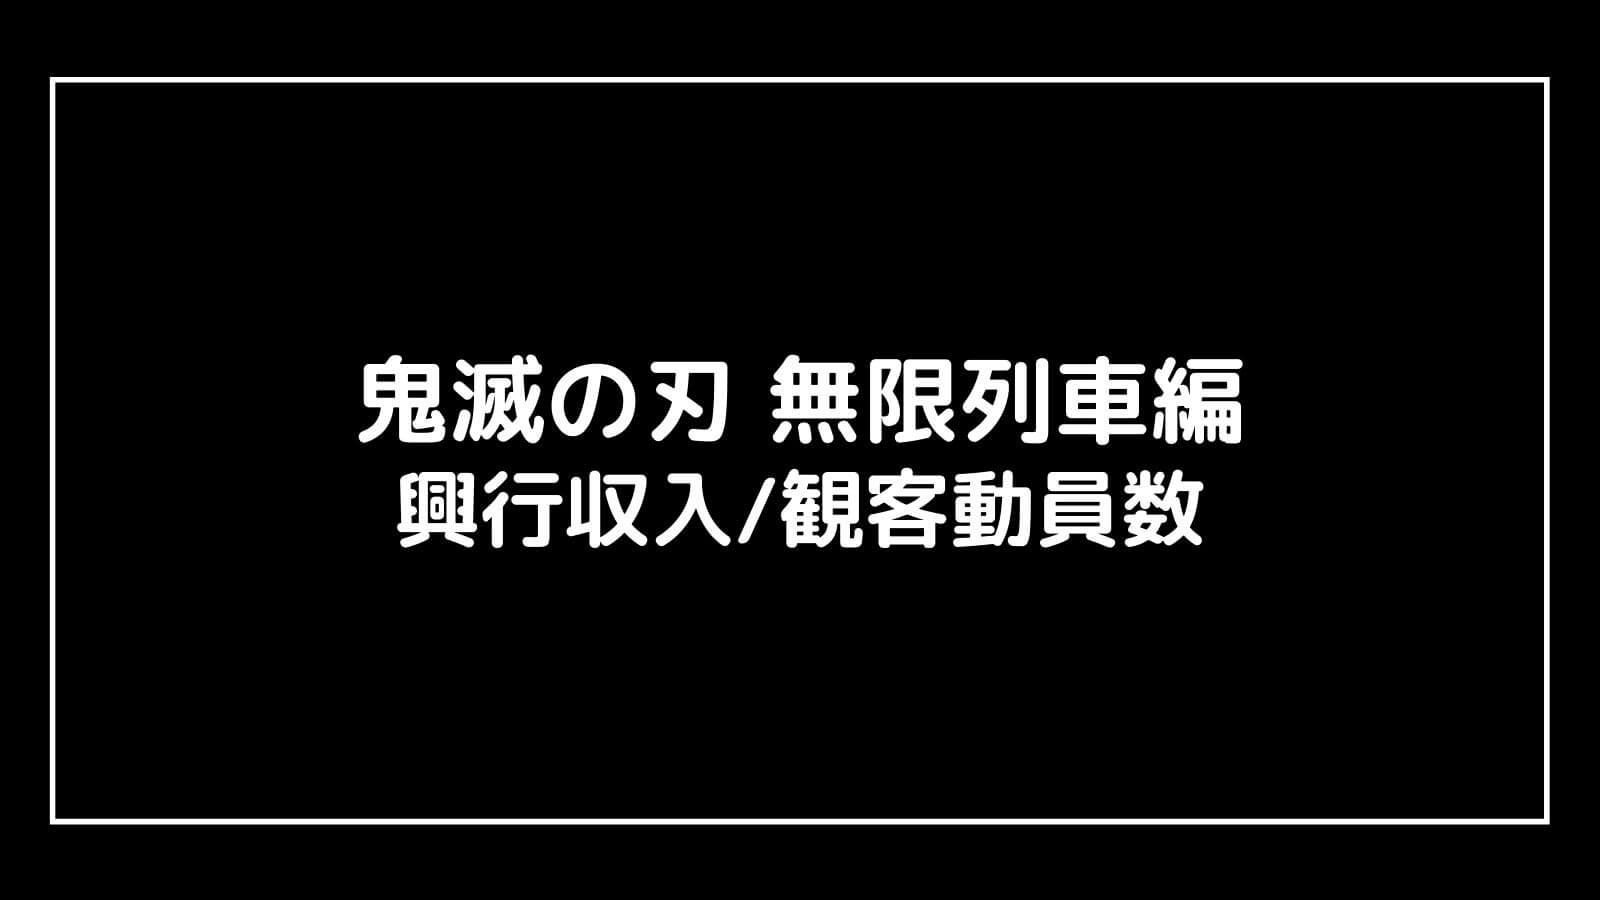 映画『鬼滅の刃 無限列車編』興行収入と観客動員数の推移、最終興収を元映画館社員が予想